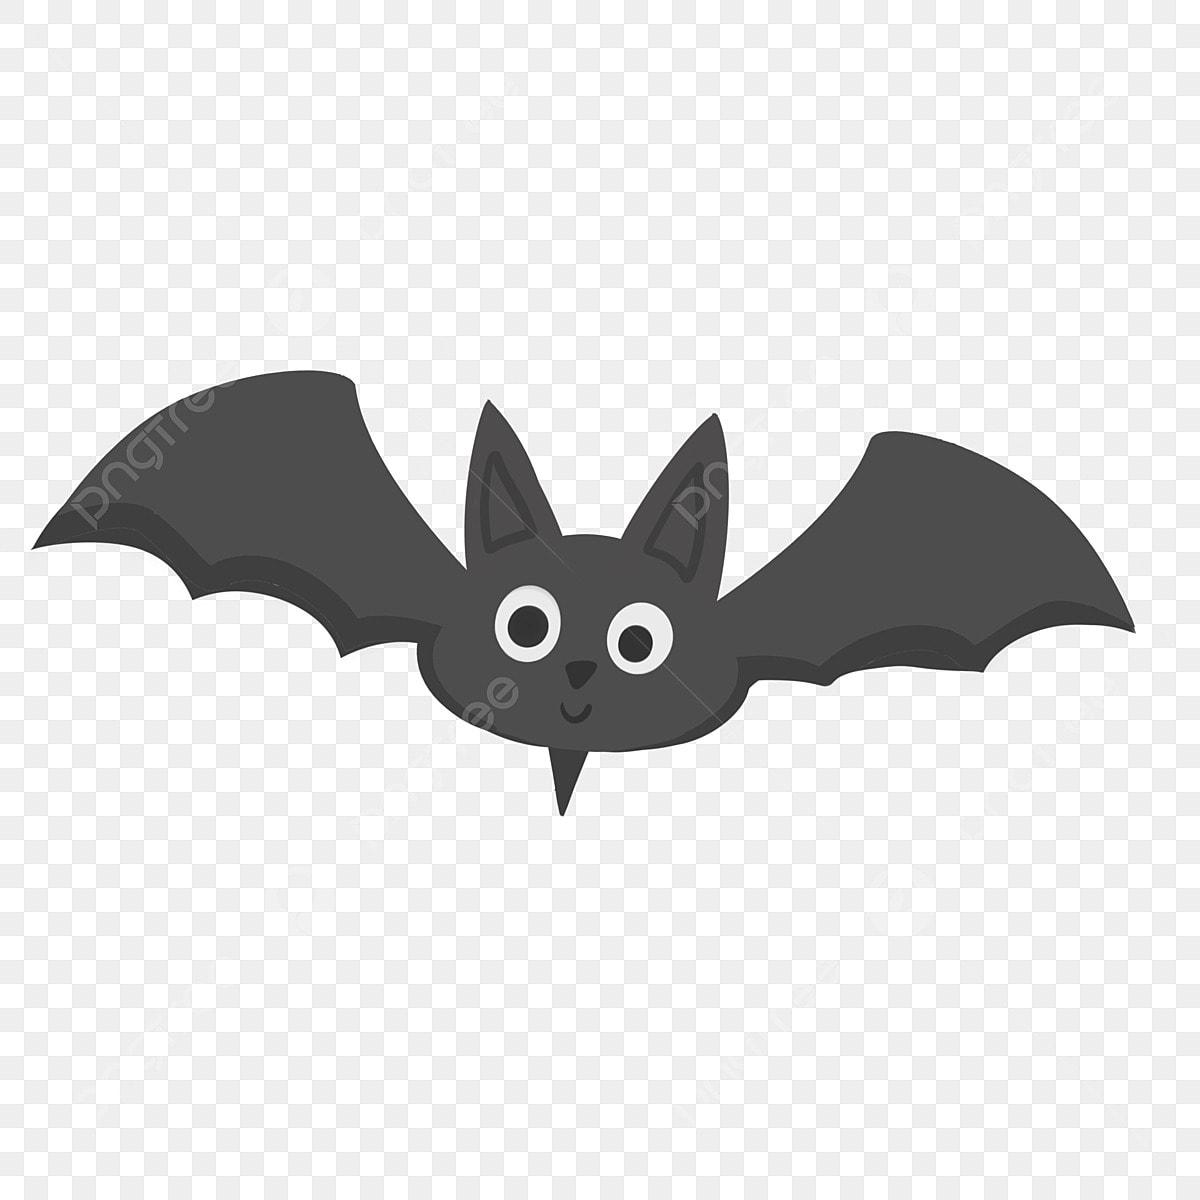 Chauve Souris Chauve Souris Clipart Clipart Animaux De Dessin Anime Fichier Png Et Psd Pour Le Telechargement Libre